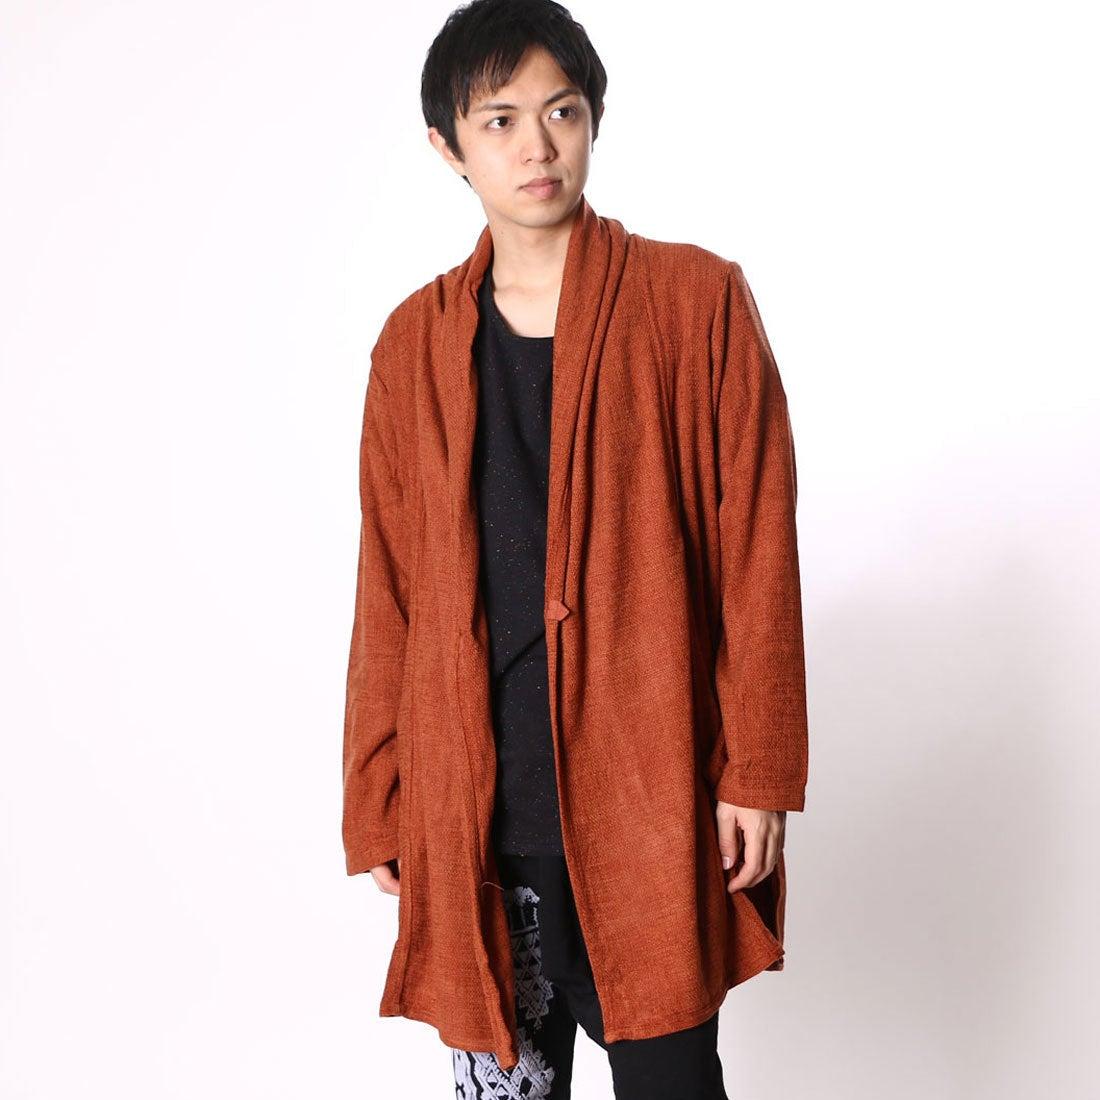 【チャイハネ】モールヤーンMEN'Sカーディガン オレンジ